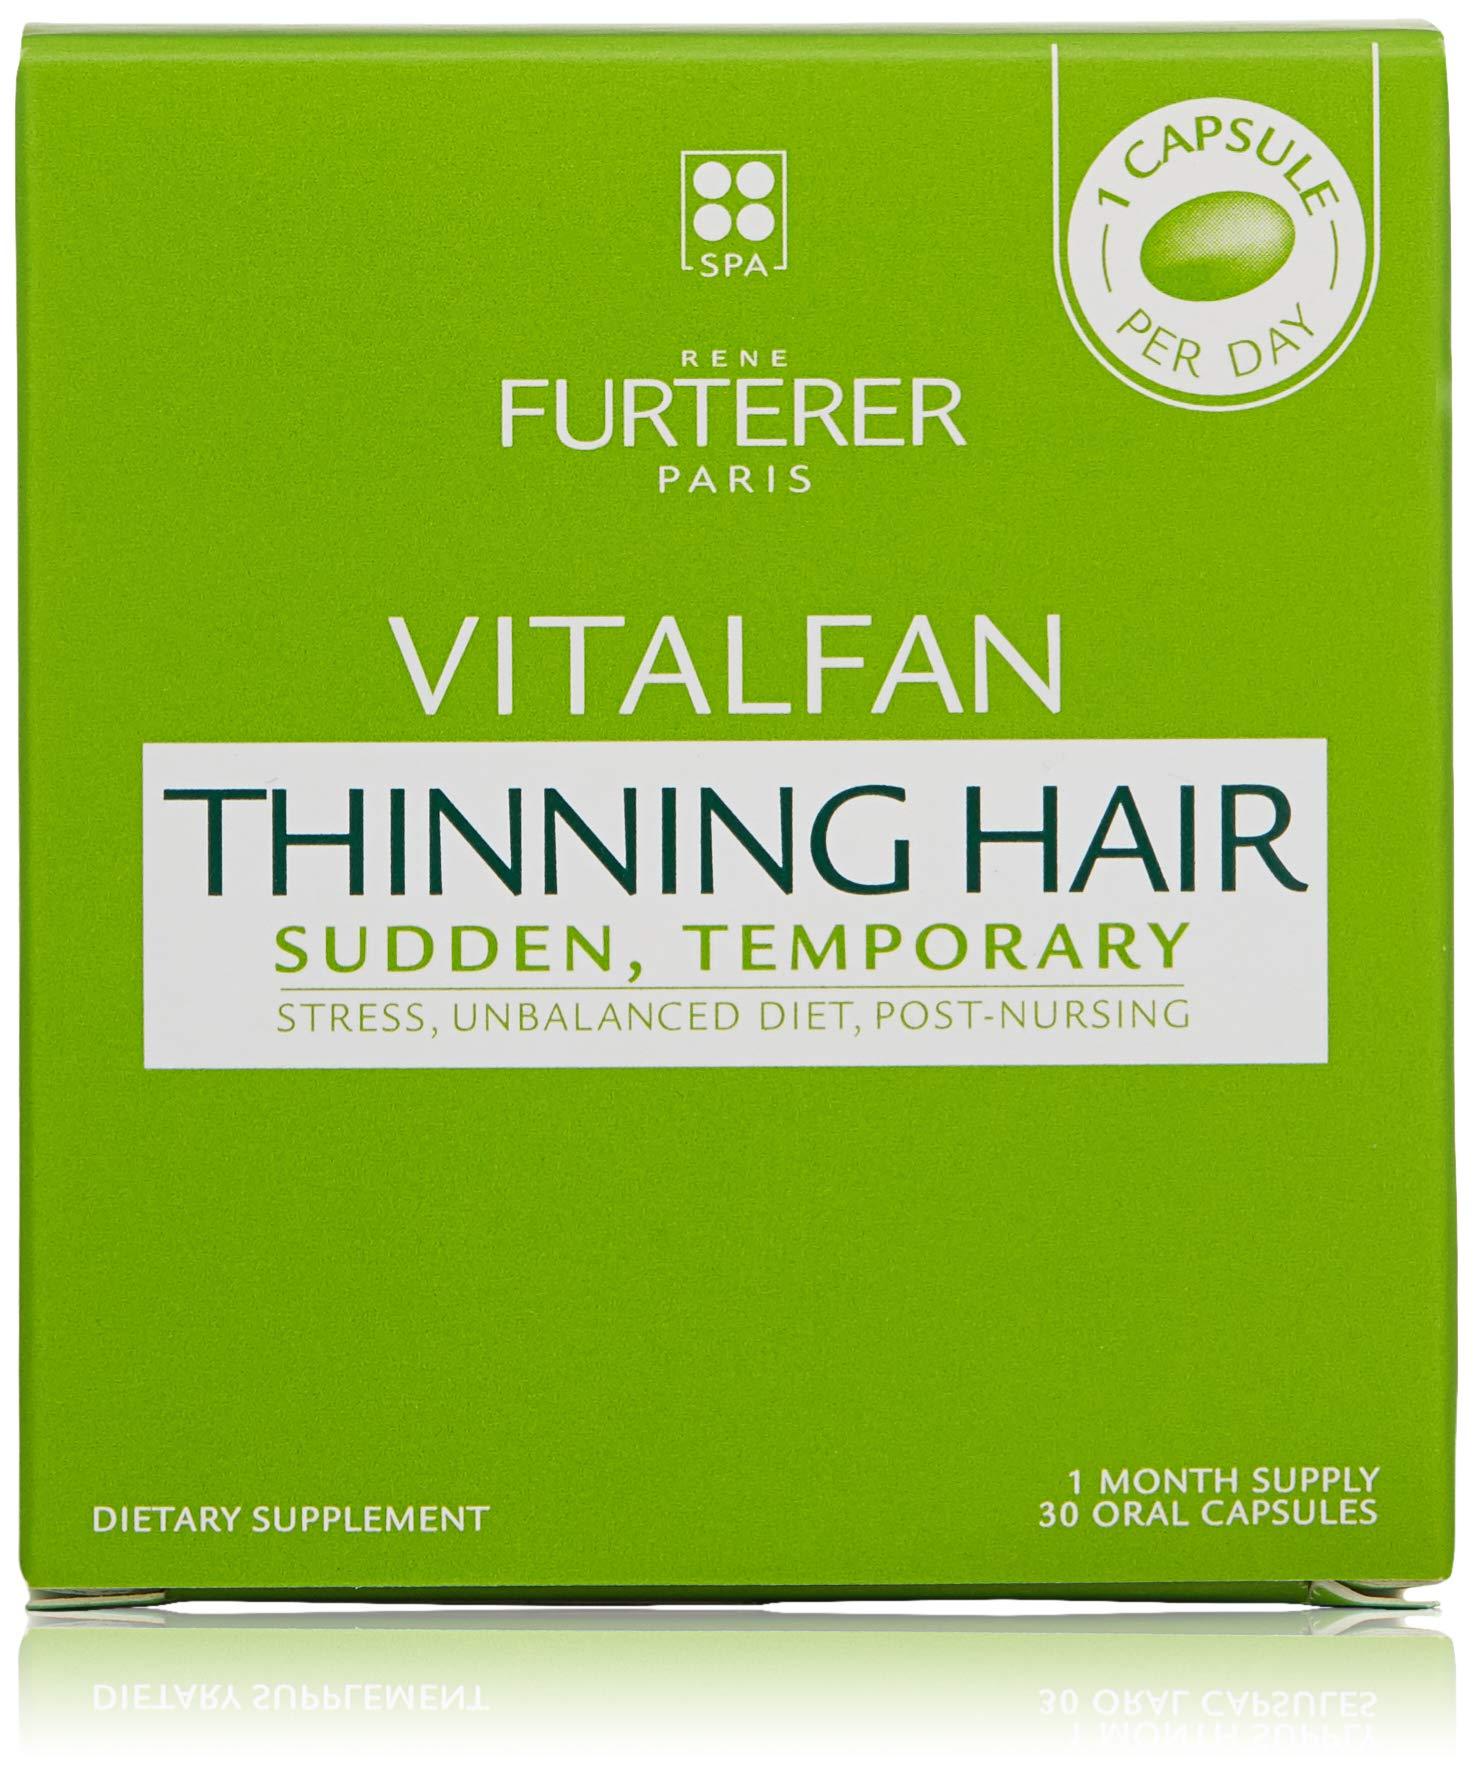 Rene Furterer Vitalfan Dietary Supplment For Sudden, Temporary Hair Thinning Bundle, 30 Count